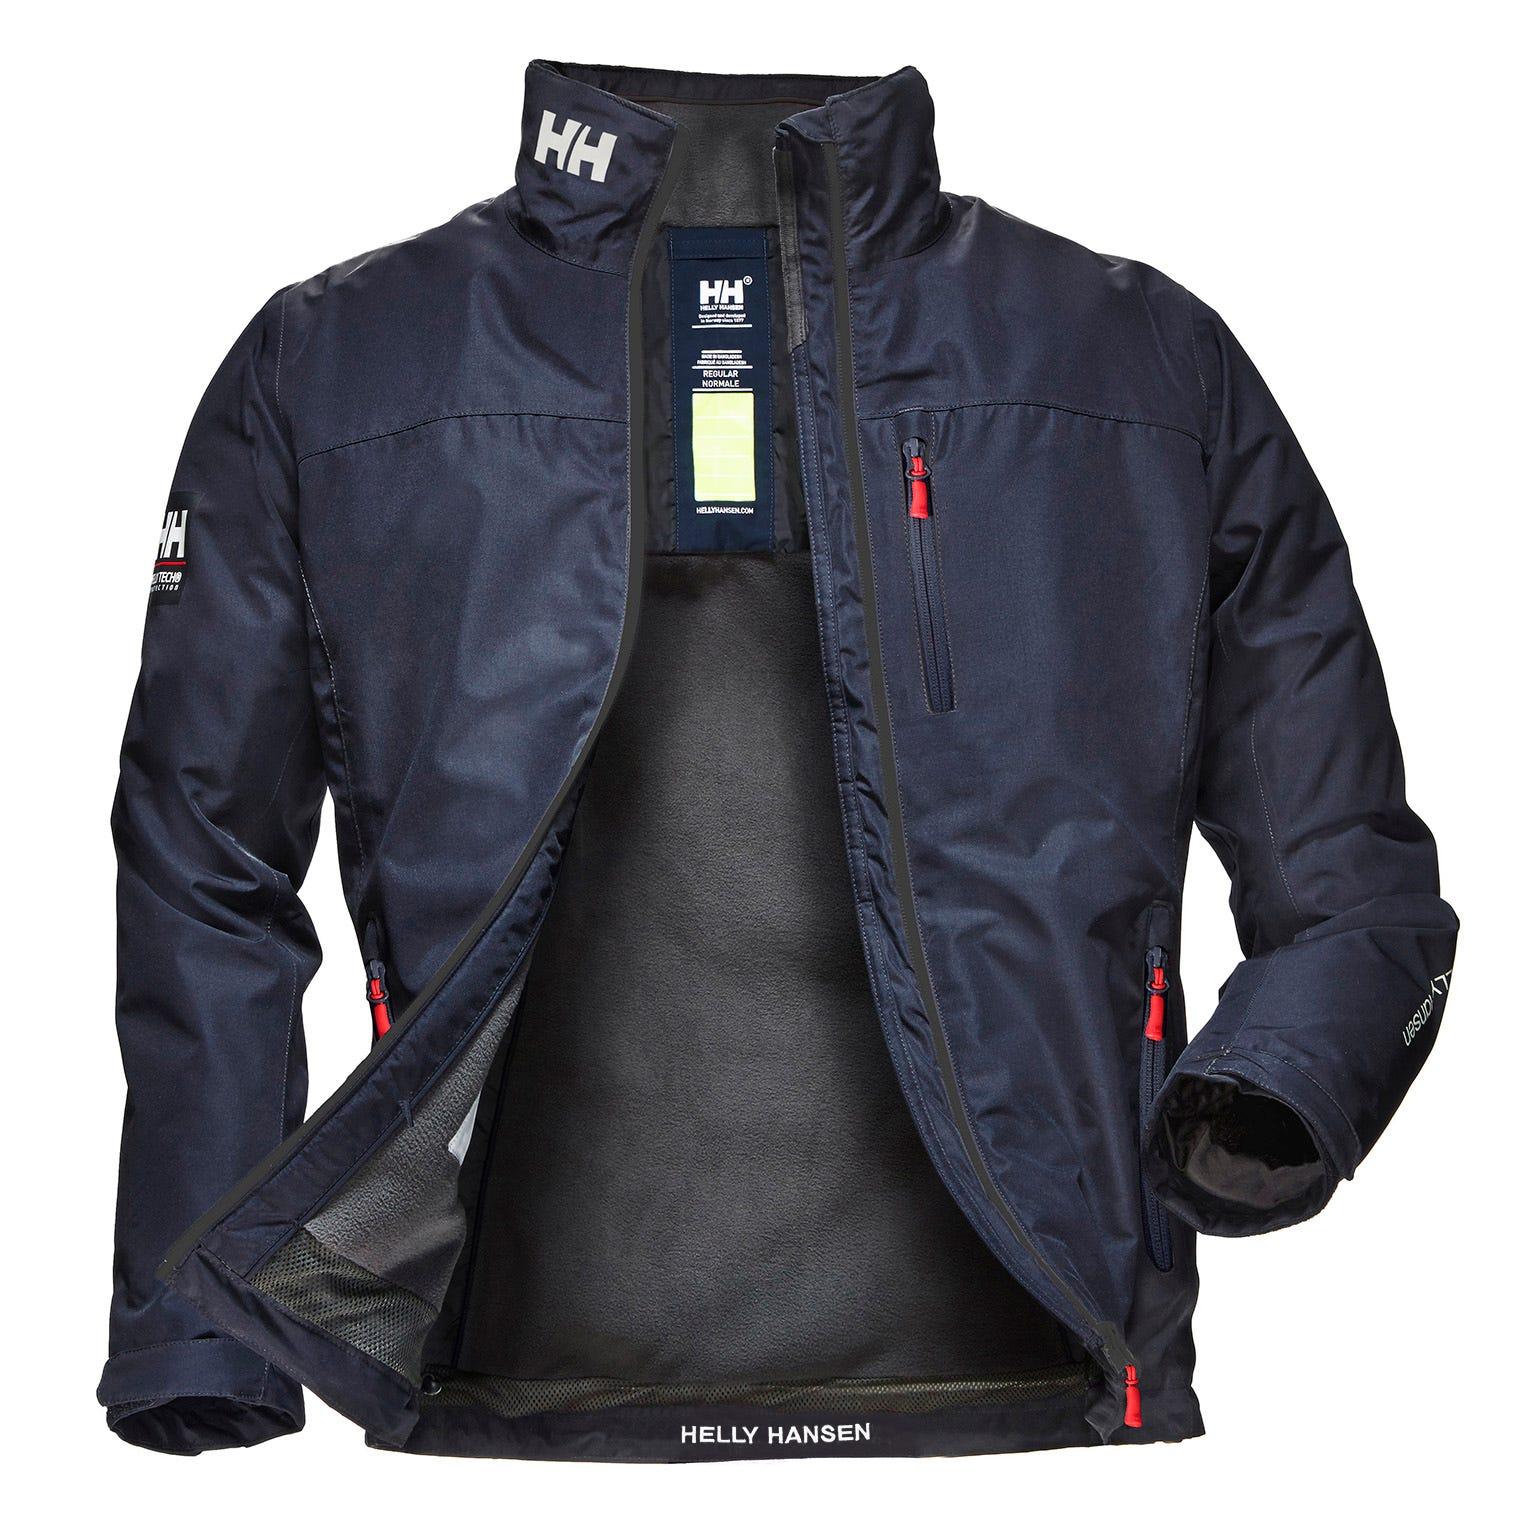 Helly Hansen Crew Hooded Midlayer Jacket Giacca con Cappuccio Uomo